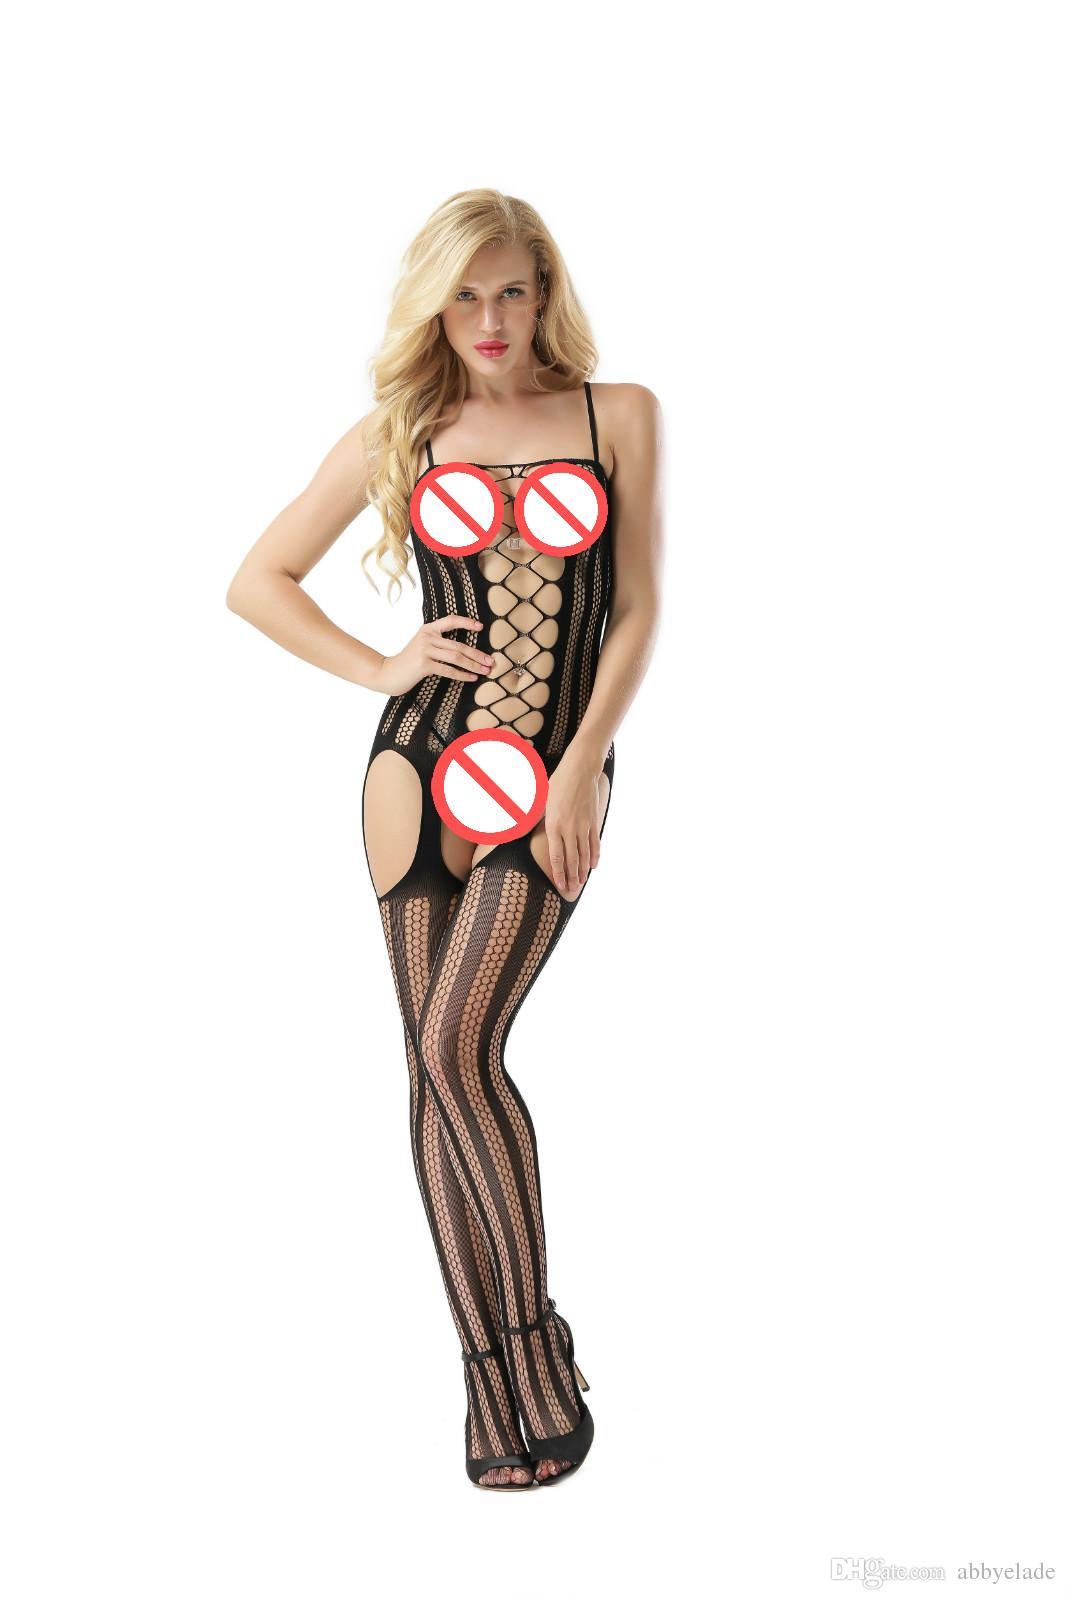 Kolsuz Fishnet Chemise Garters Vücut Çorabı Gecelikler vücut çorabı striptizci narin Sexi Lingerie Opak Bodysocks bodystocking seksi